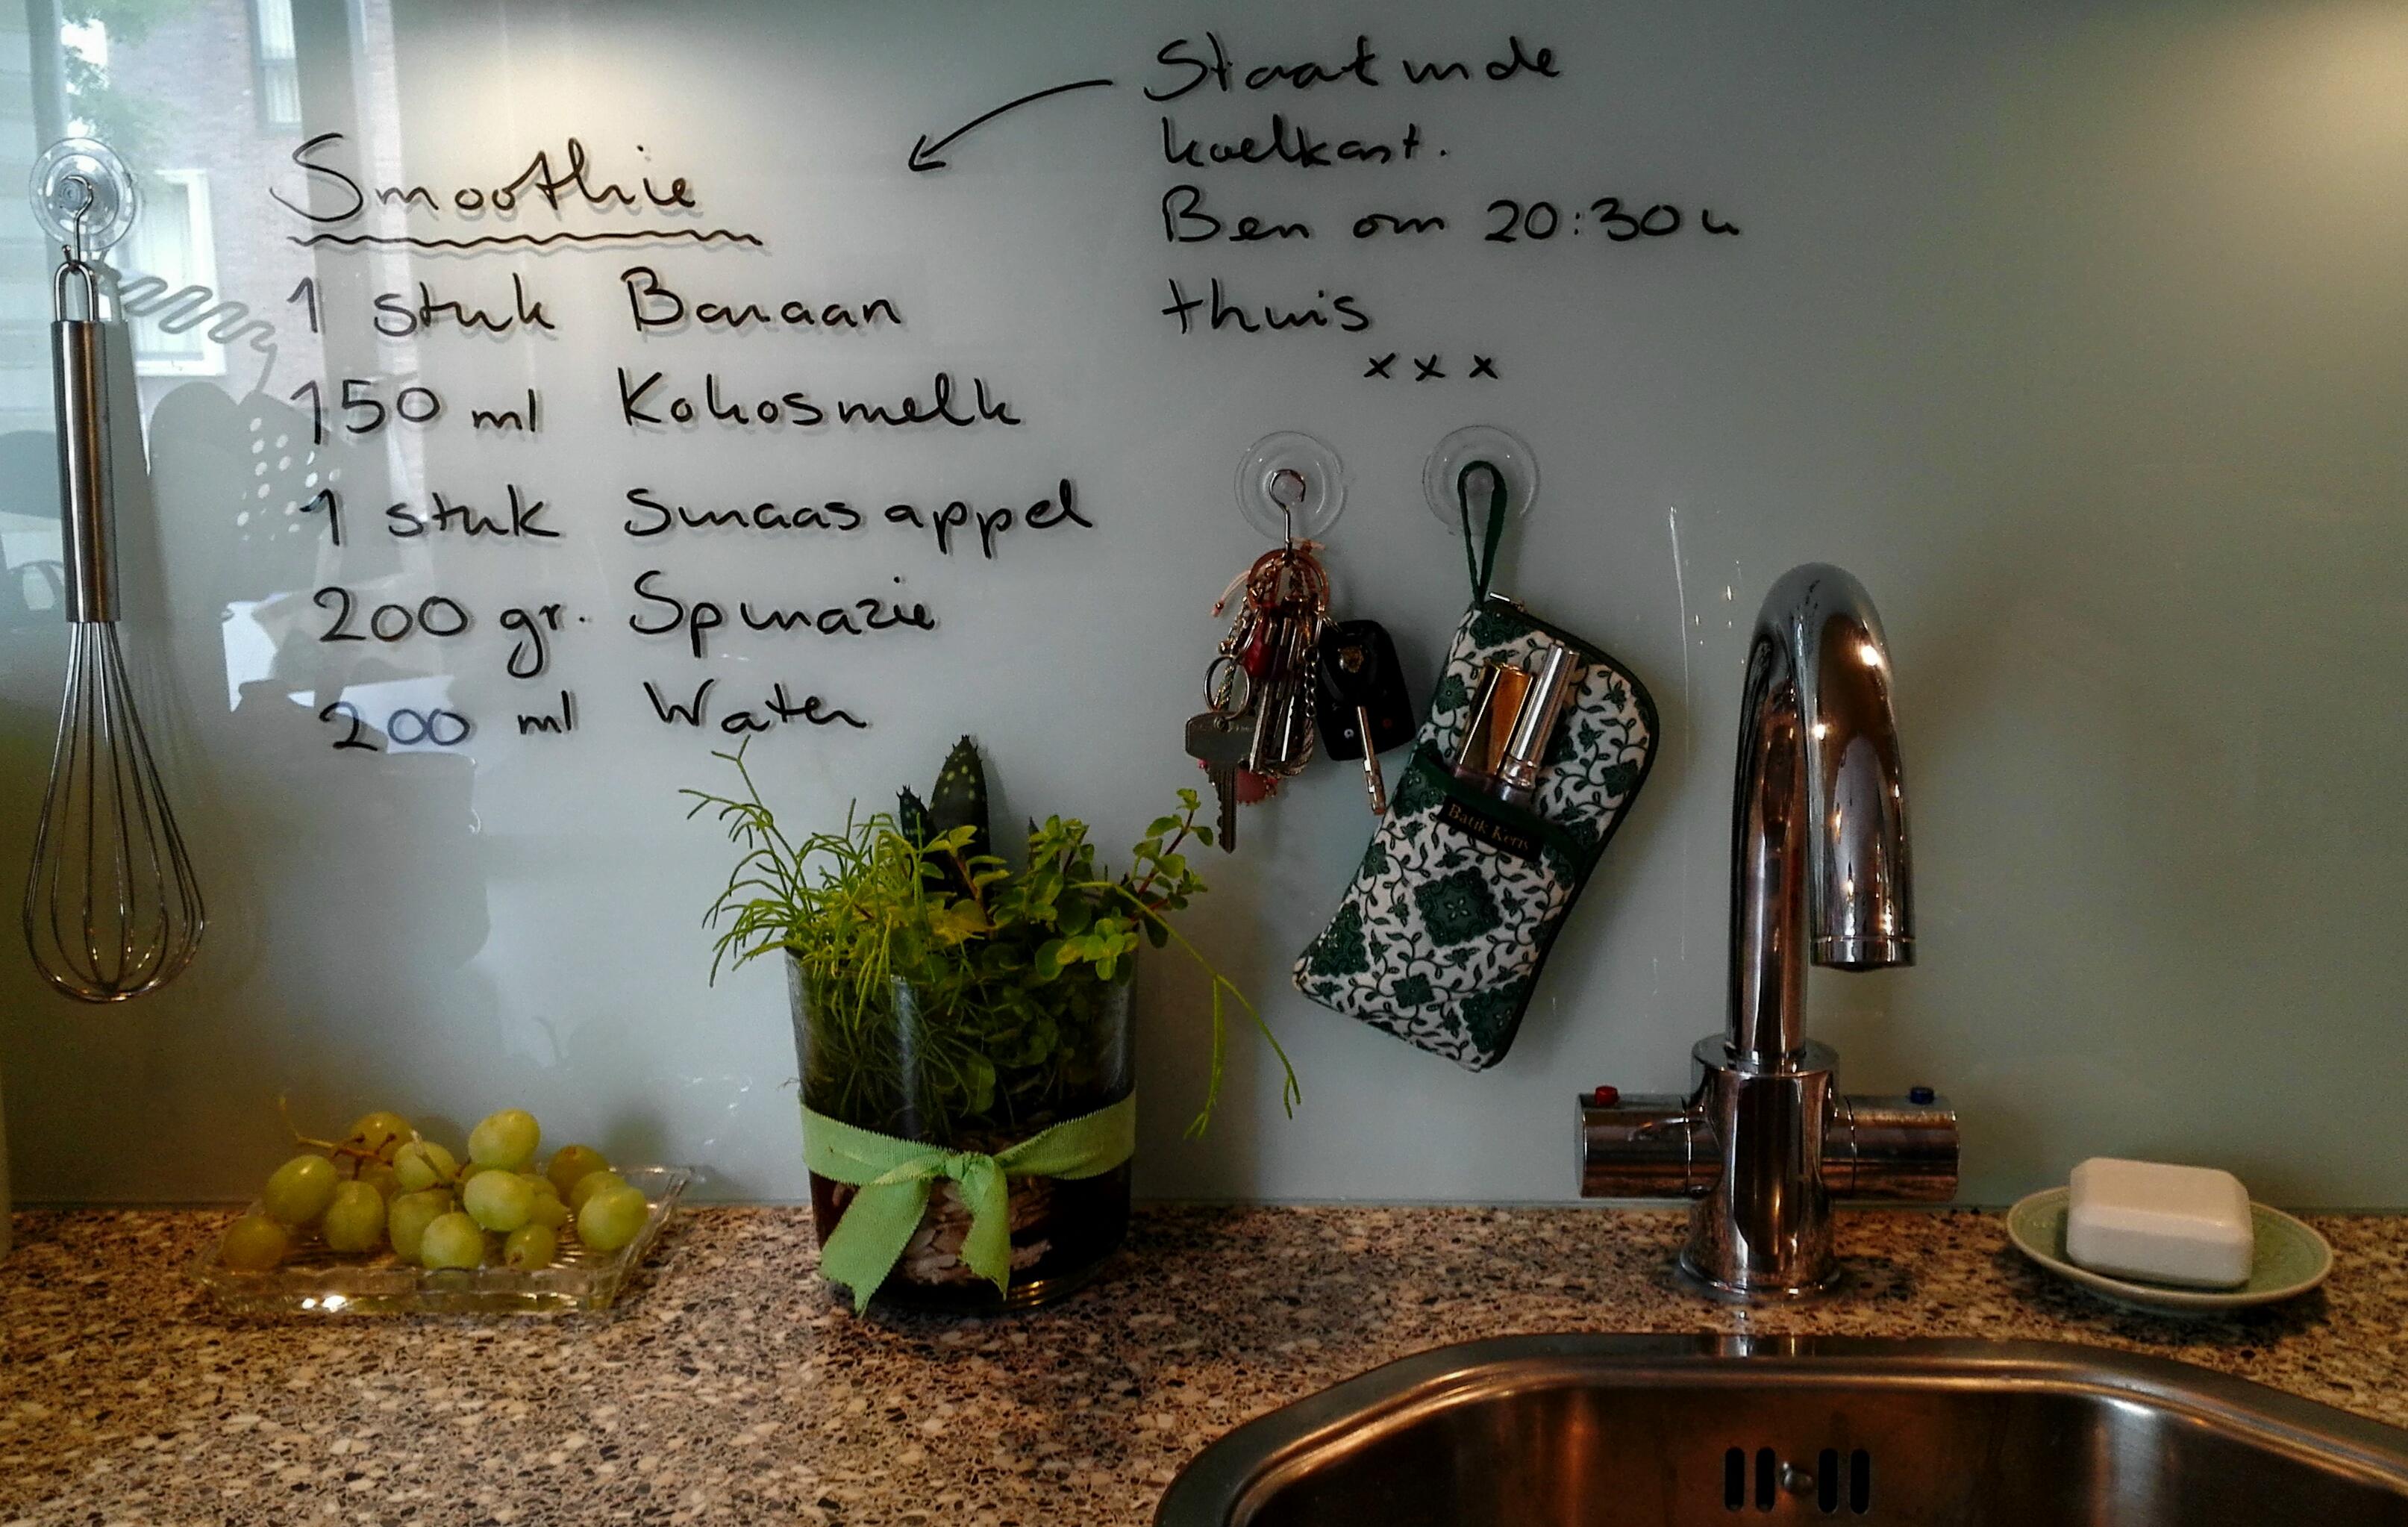 Glasplaat Keuken Schoonmaken : Keukenachterwanden ? Glashandel Ariba Den Haag 070 3465127